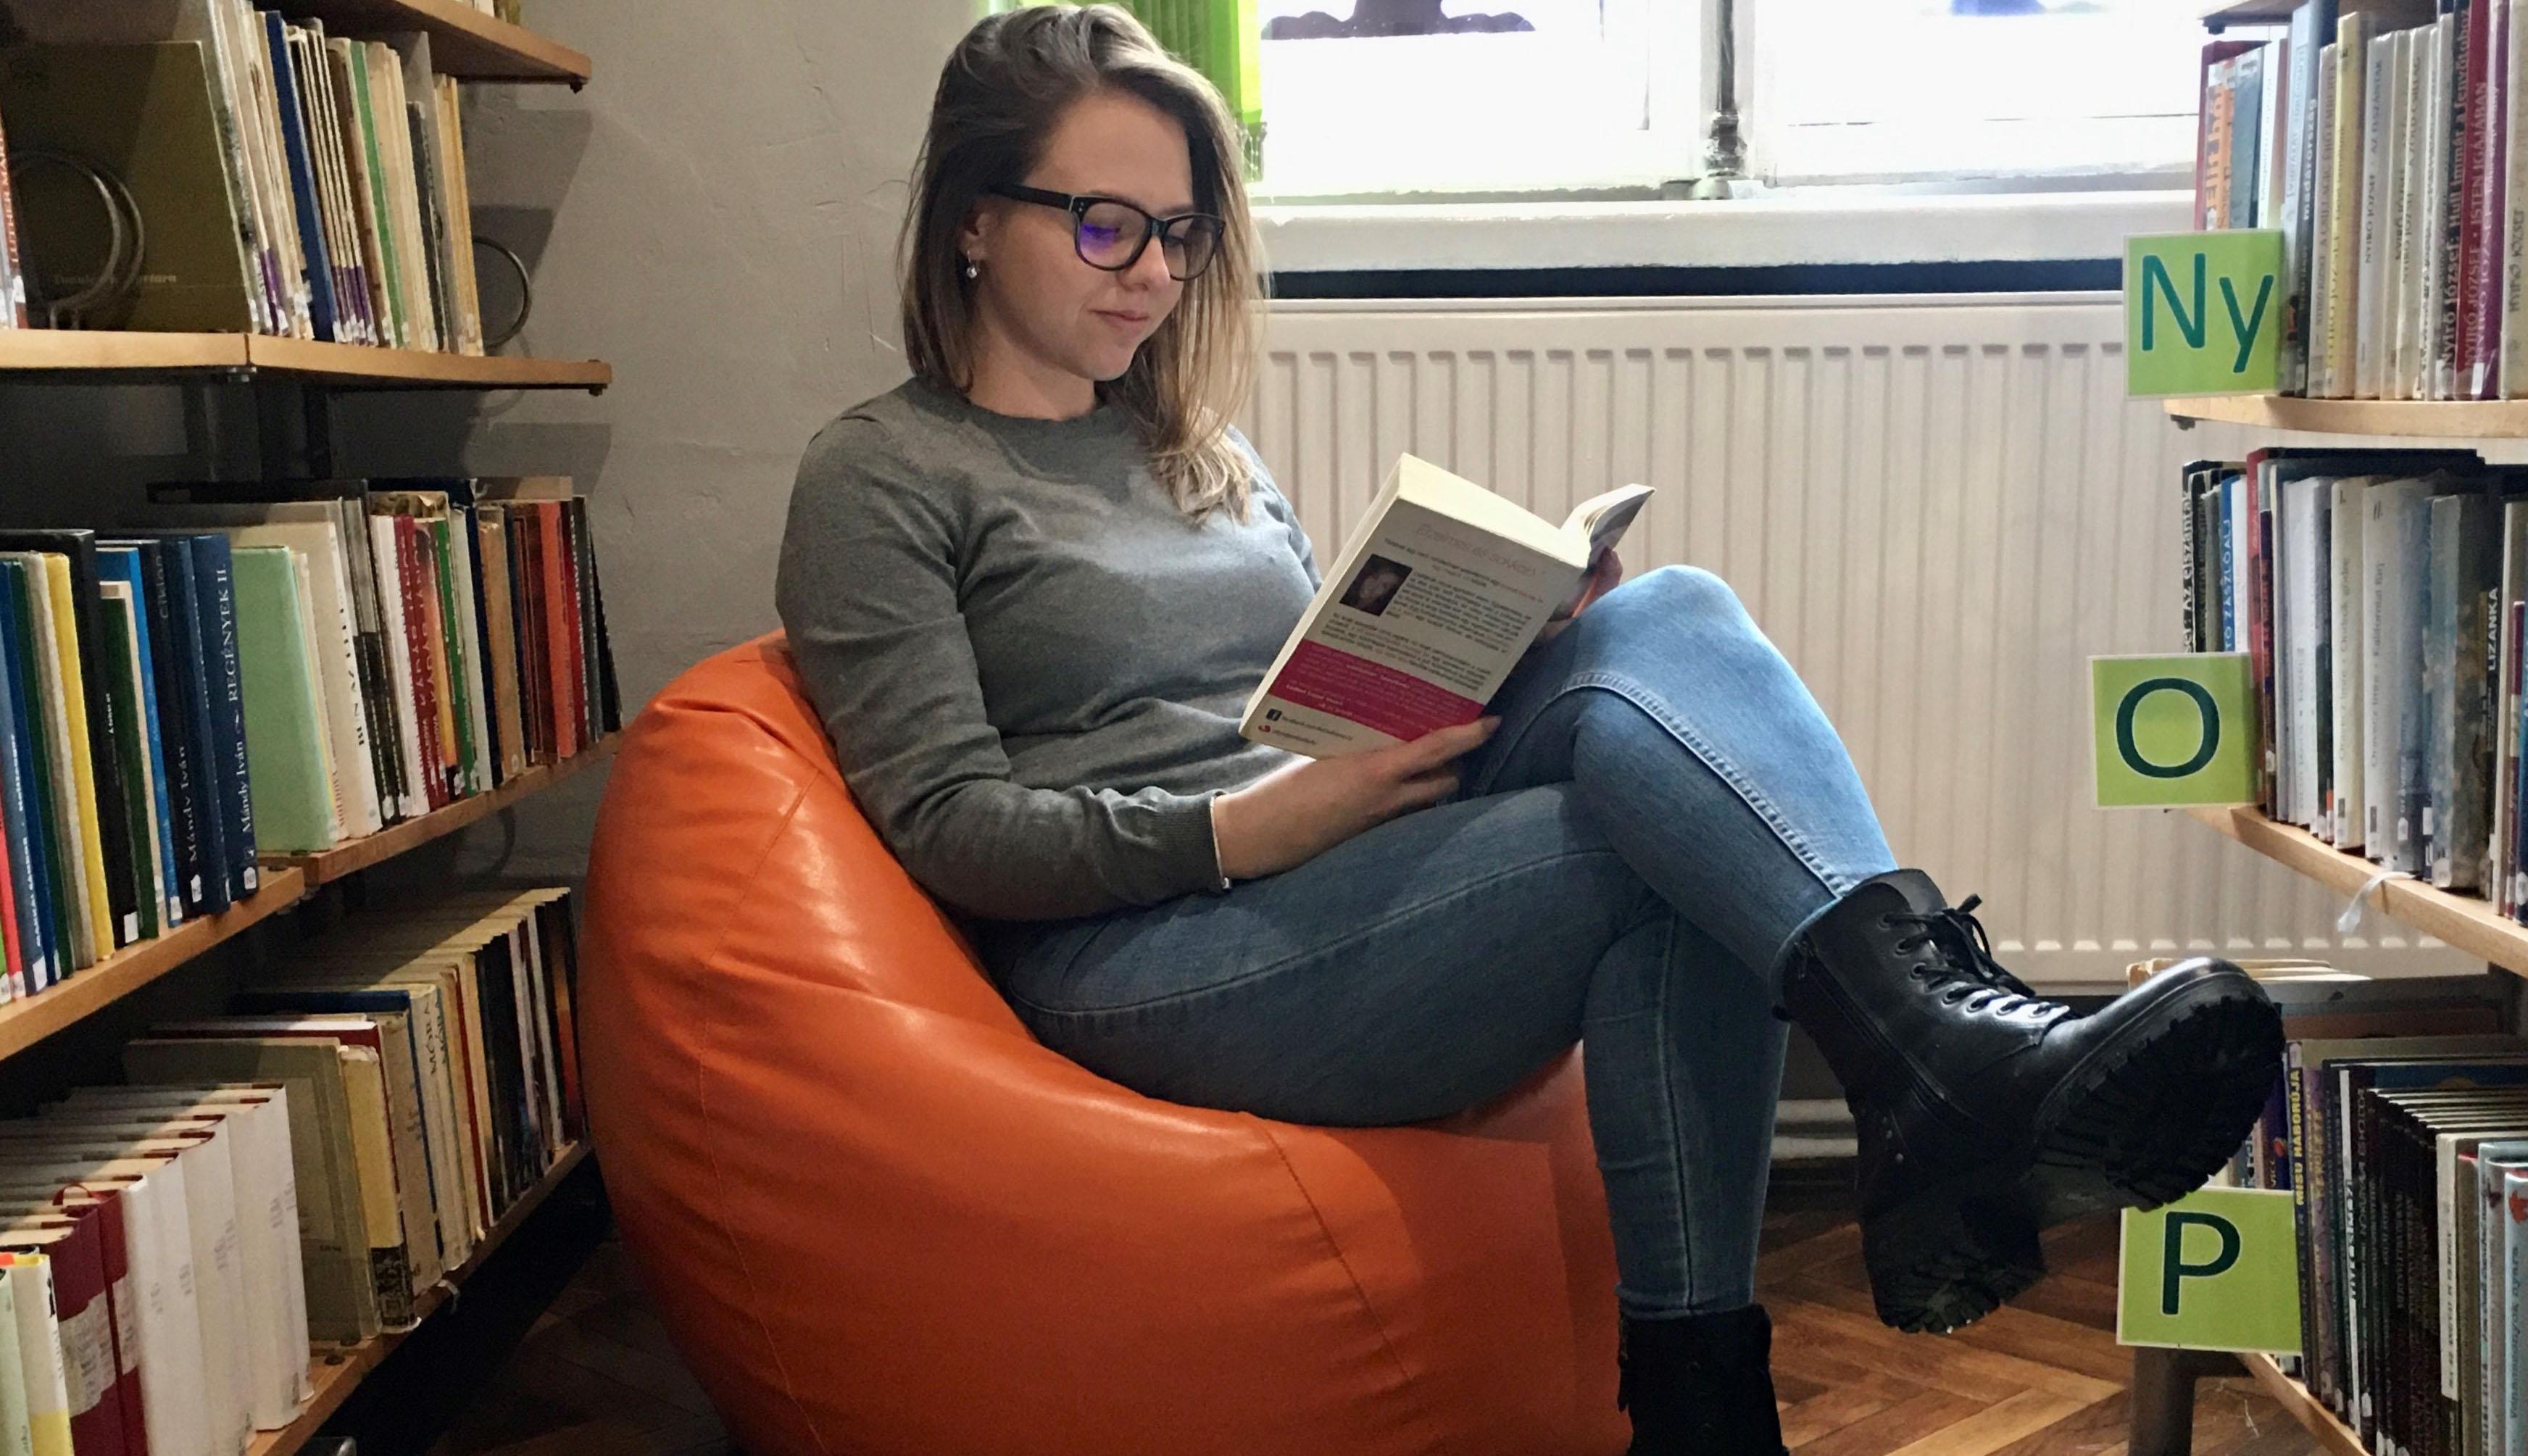 Az olvasás mély beszélgetés